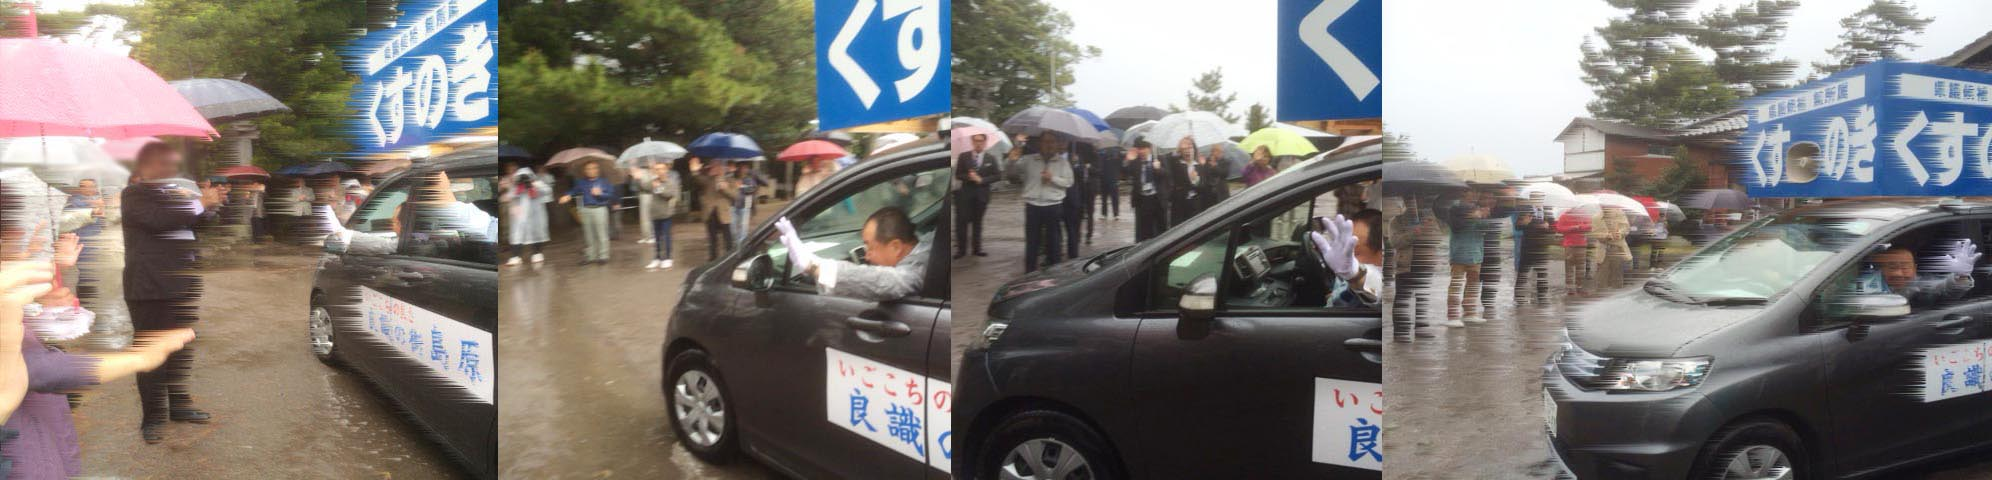 雨の中、いざ出陣(ネット選挙解禁)_c0052876_139635.jpg